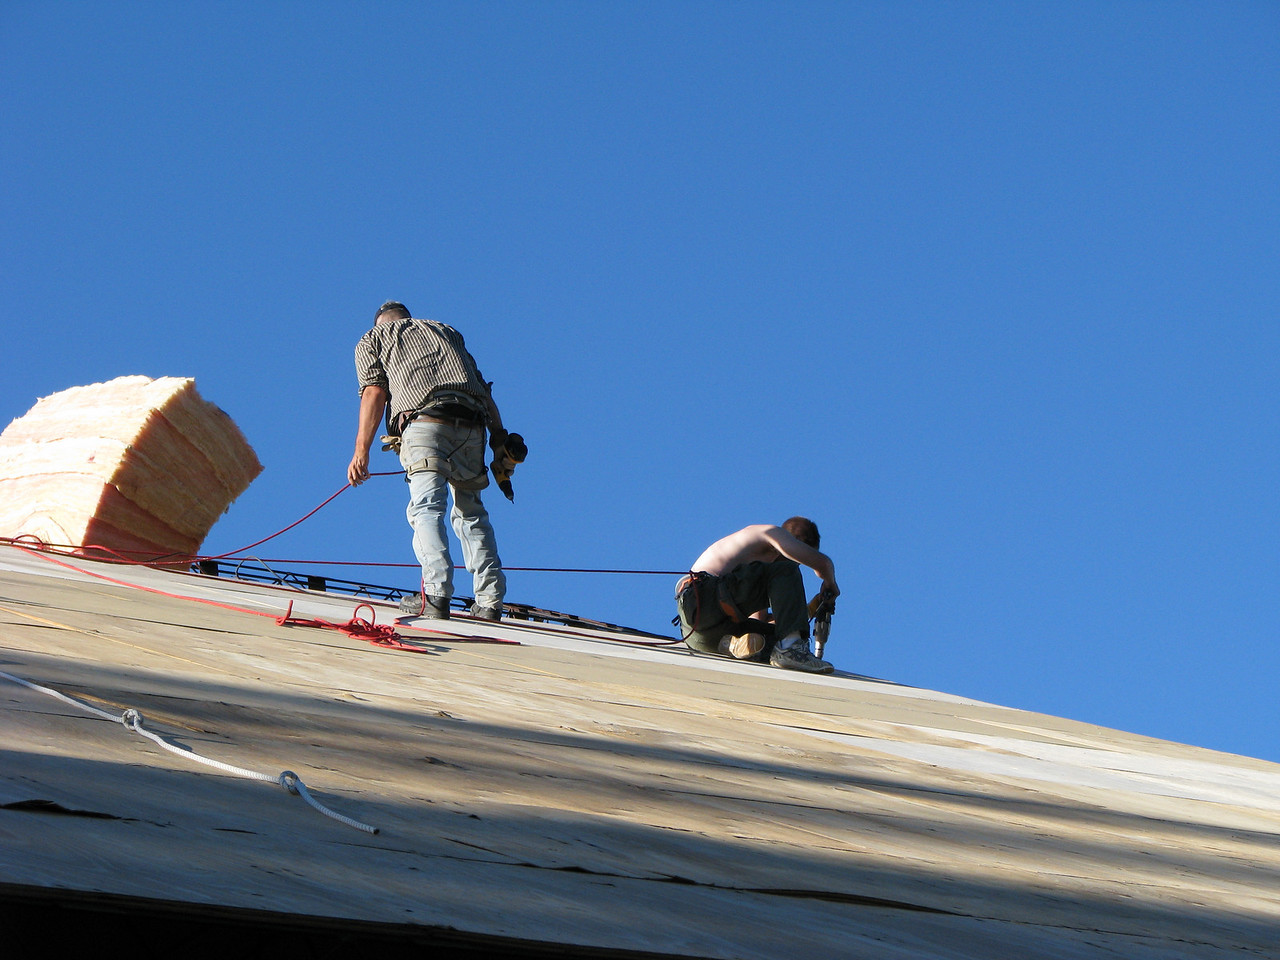 Lances_Roof-067